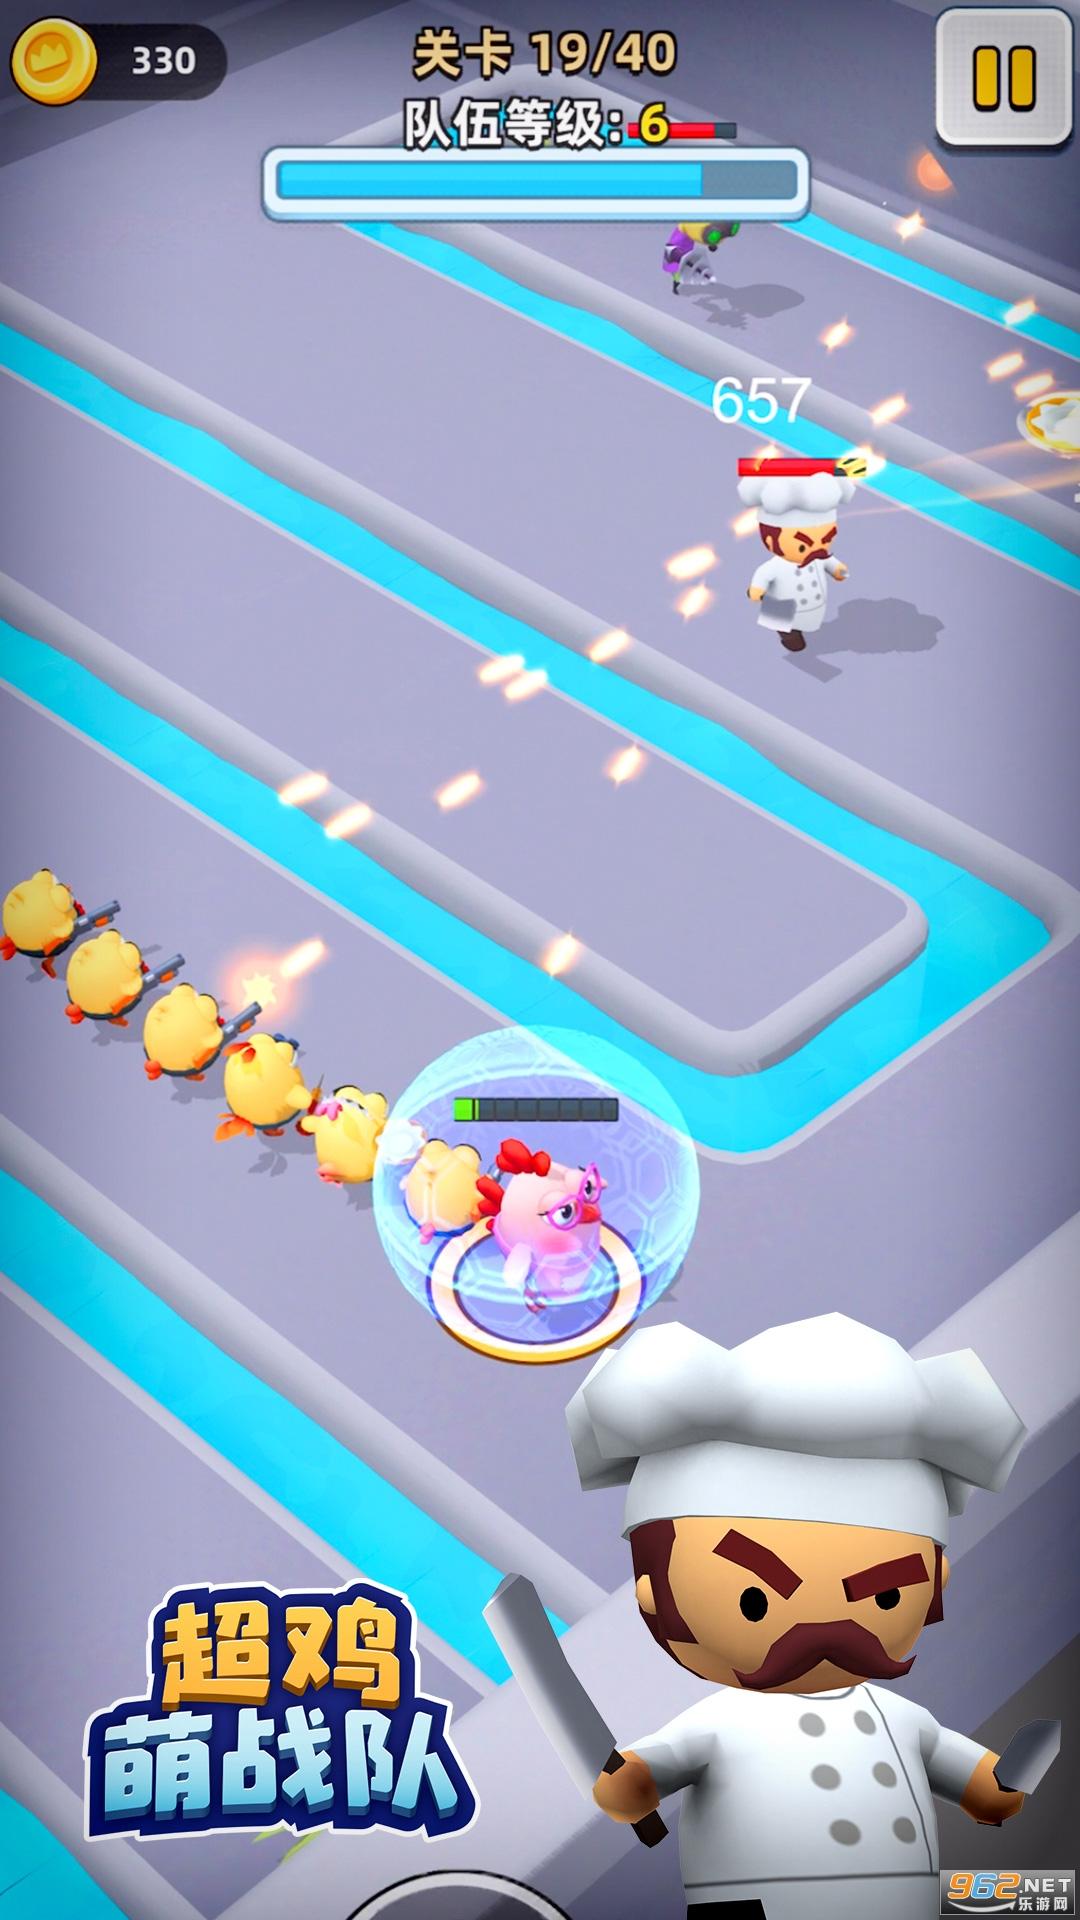 超鸡萌战队游戏v0.5.0 安卓版截图1